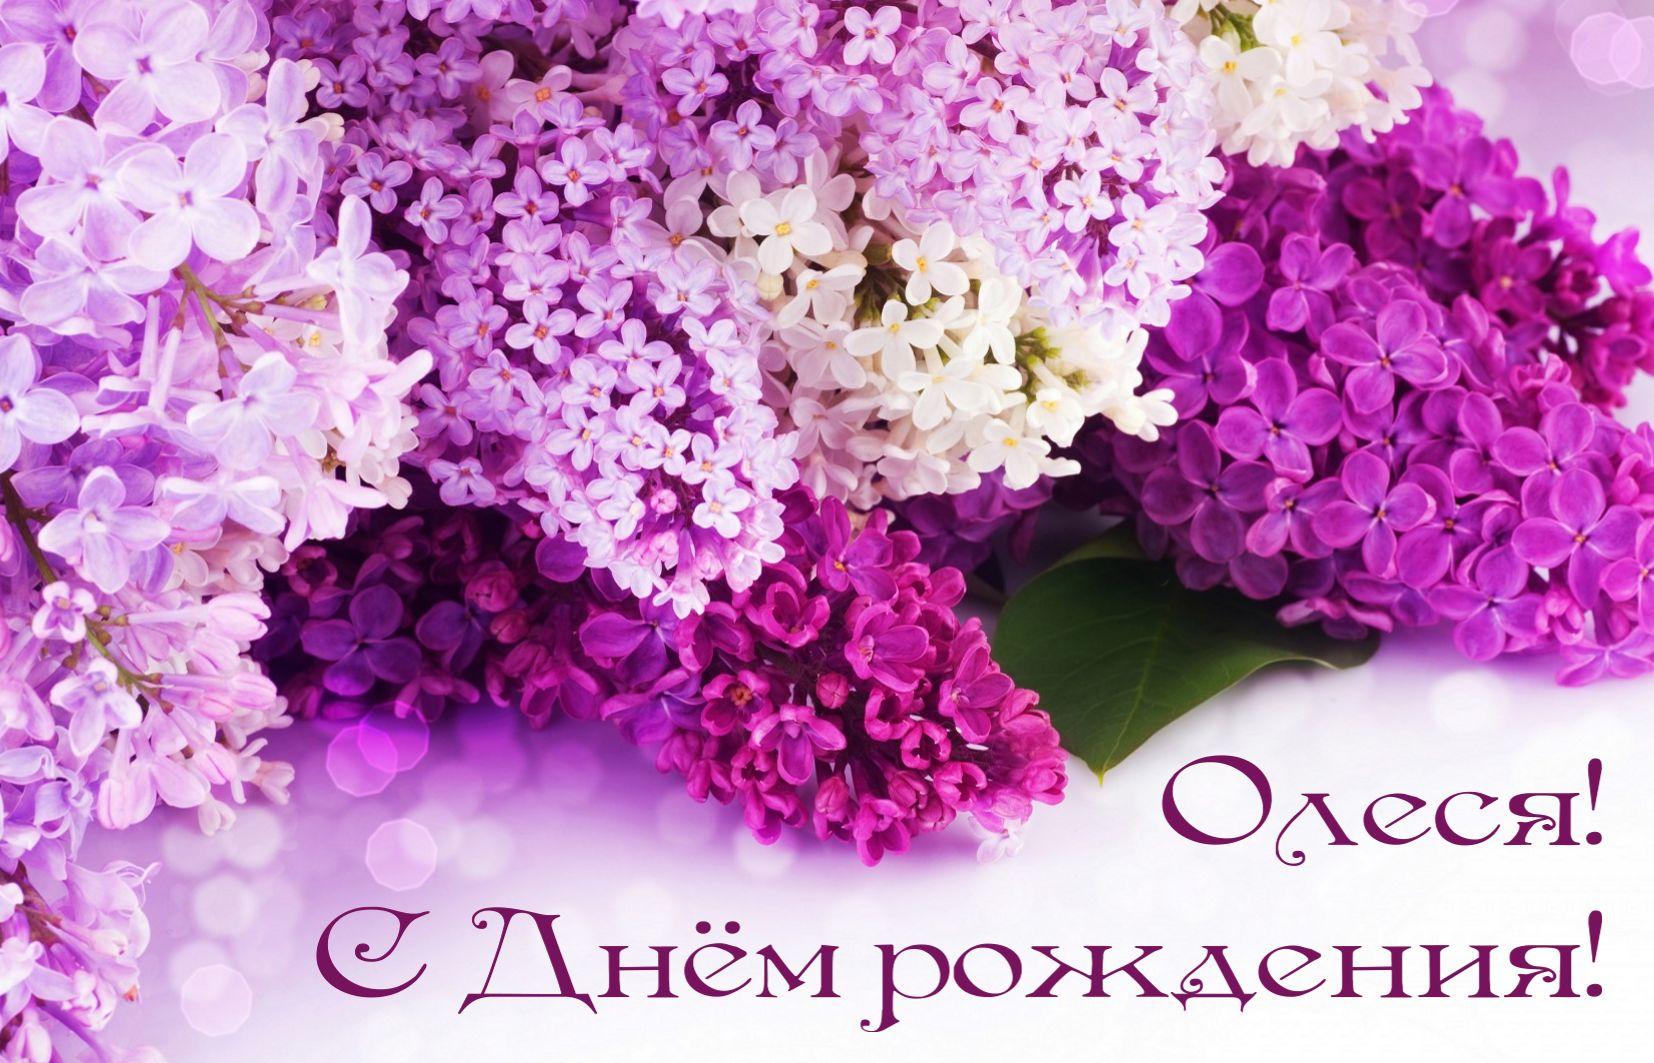 С днем рождения олеся красивое поздравление в картинках